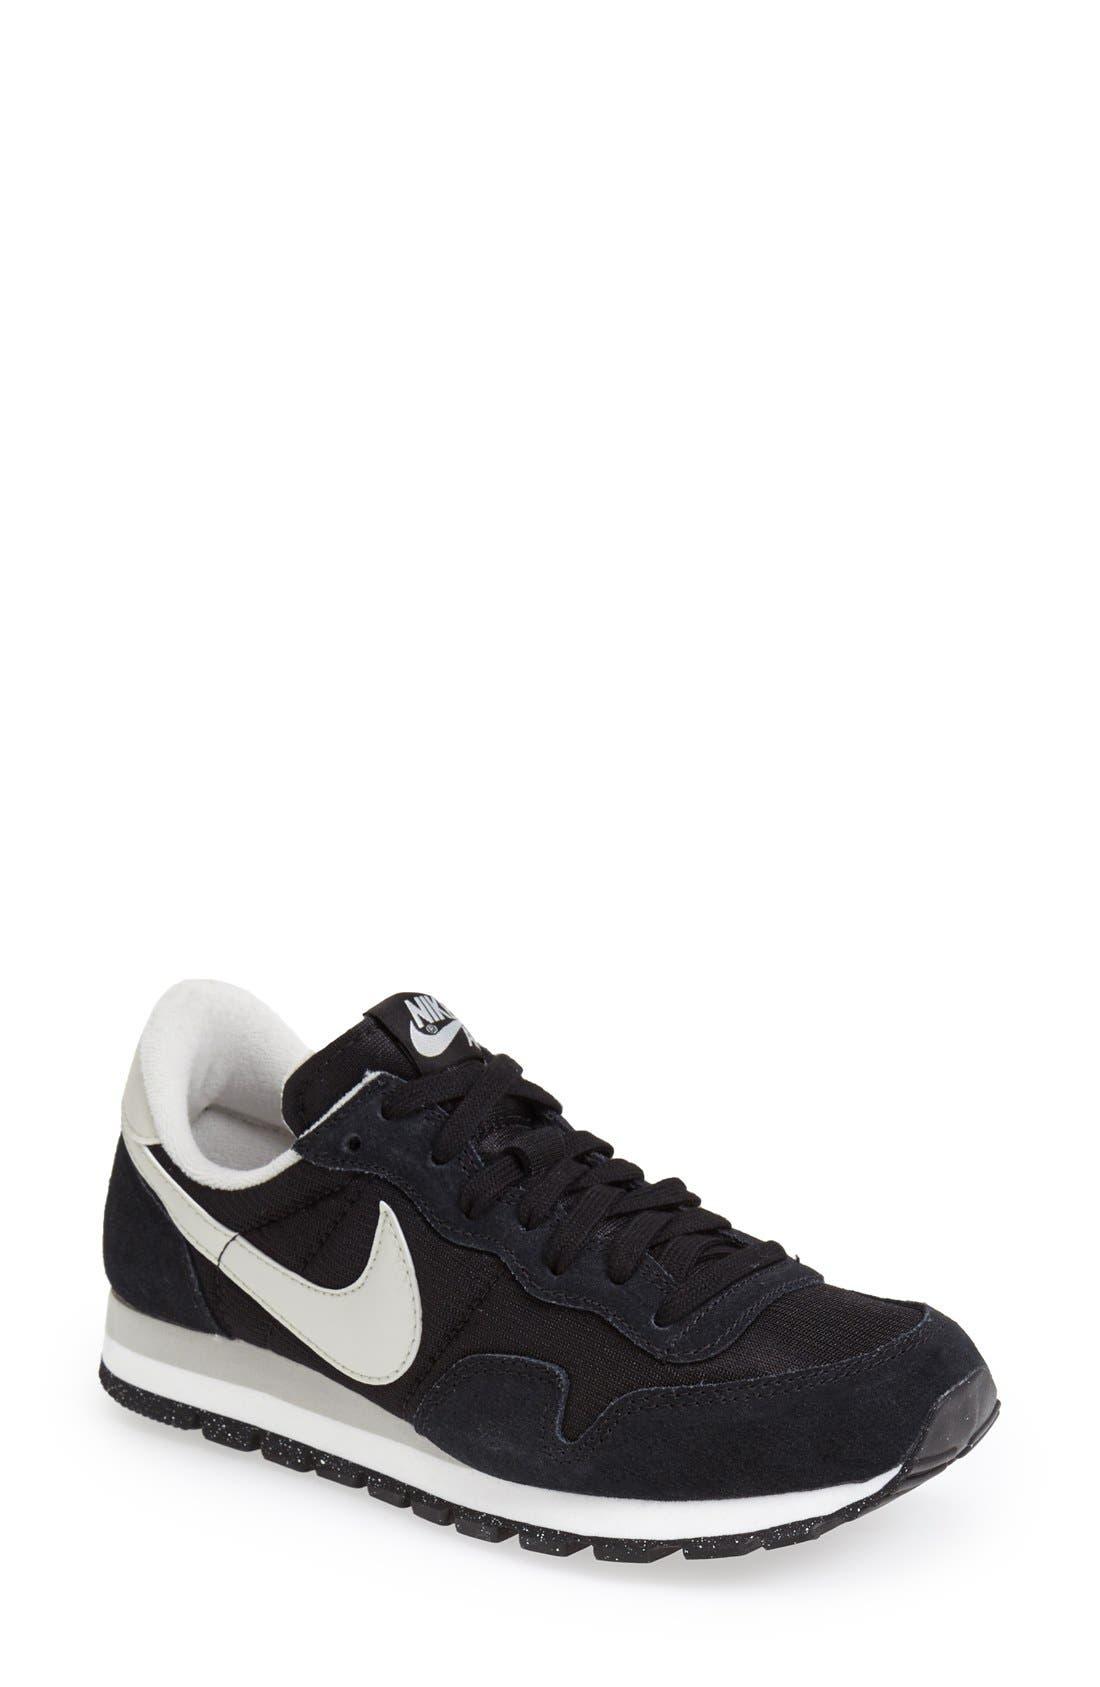 Alternate Image 1 Selected - Nike 'Air Pegasus 83' Sneaker (Women)